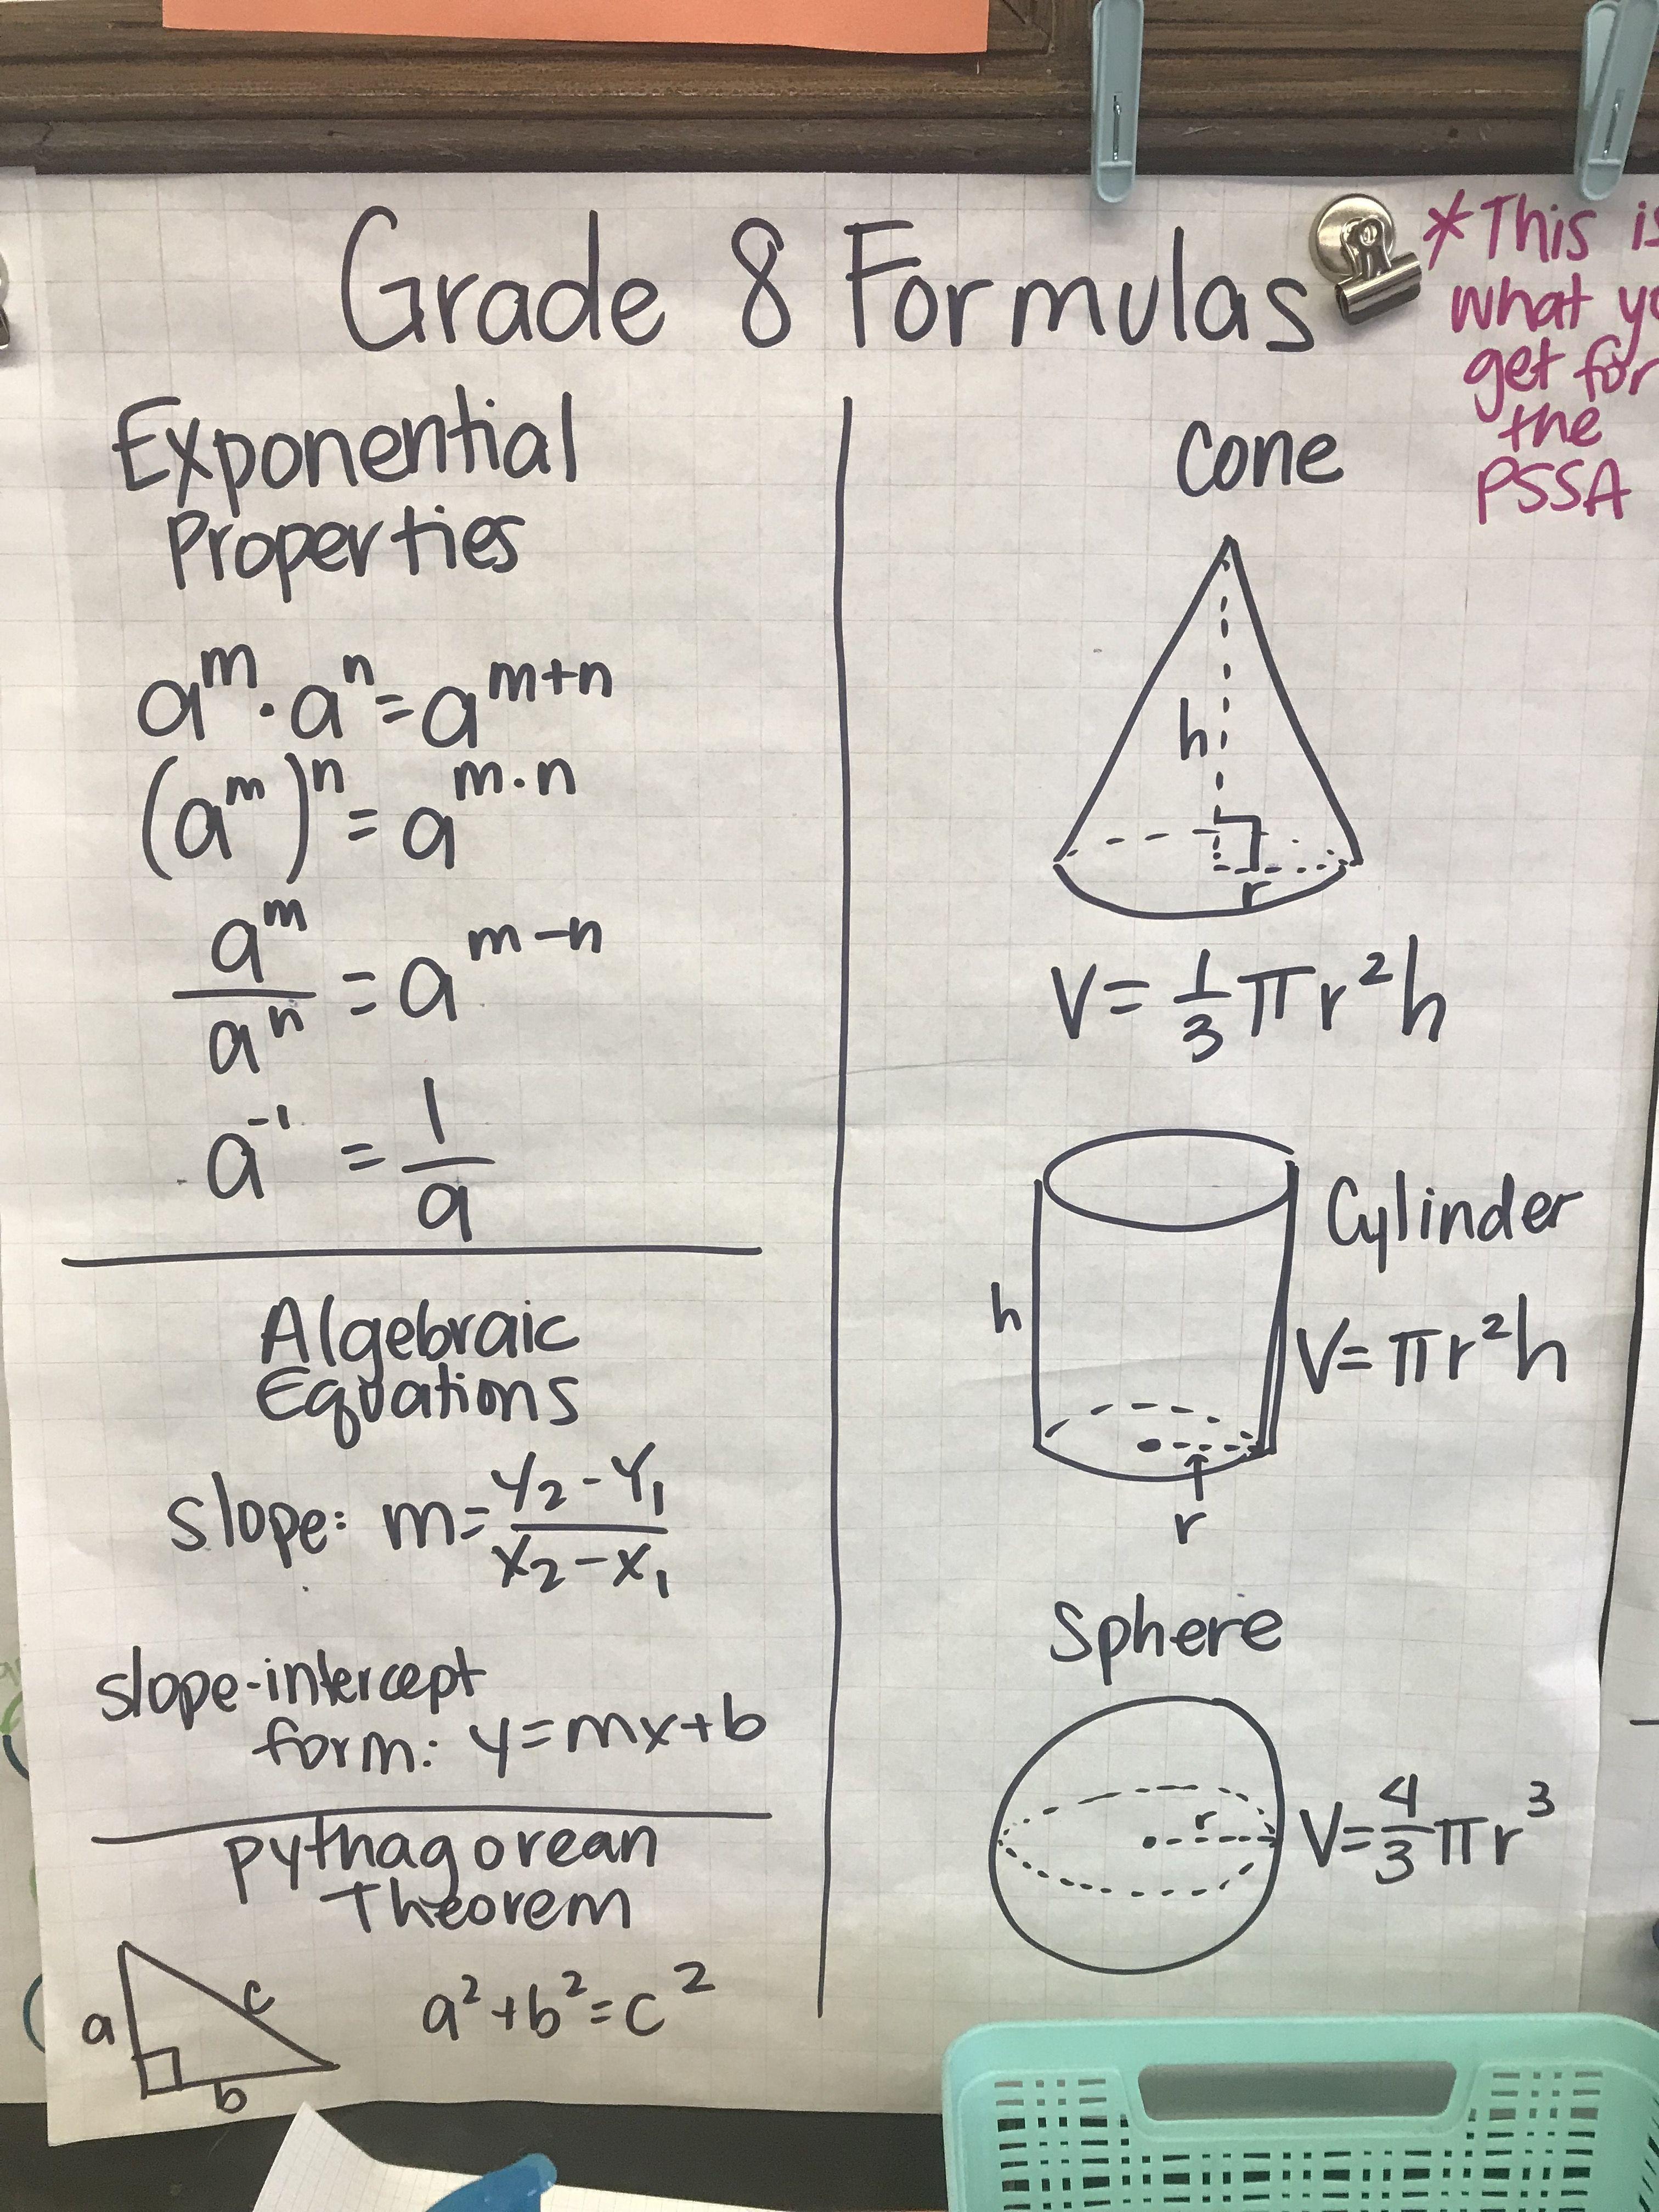 Pssa 8th Grade Formula Sheet Anchor Chart Photo Only 8th Grade Math Elementary School Math Math Classroom [ 4032 x 3024 Pixel ]